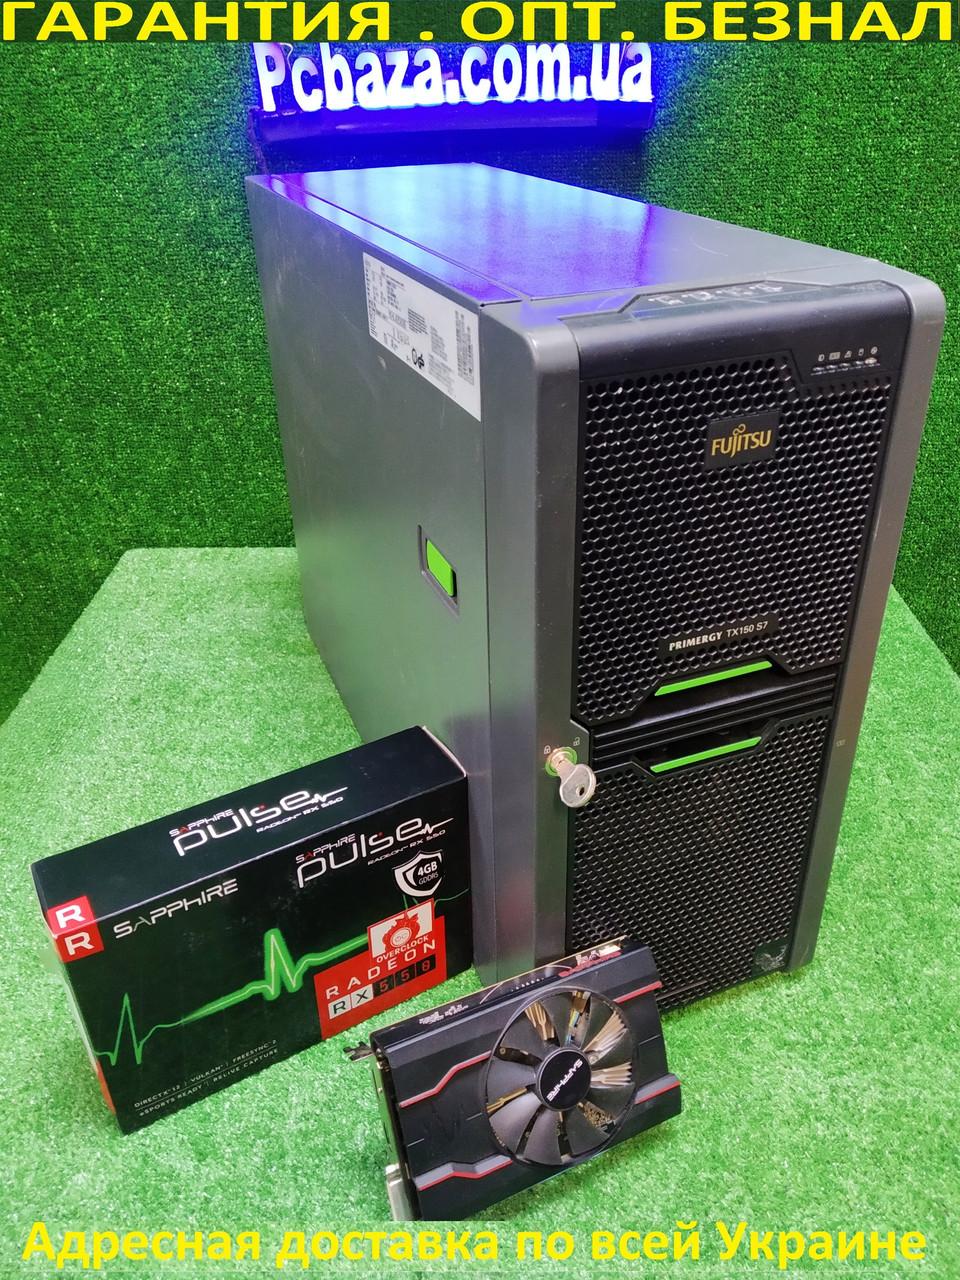 Игровой Fujitsu Primergy TX150 s7, 4 ядра Xeon X3470 3.6 Ггц, 12 ГБ ОЗУ, 128ssd+ 500 ГБ HDD, RX 550 4gb DDR5